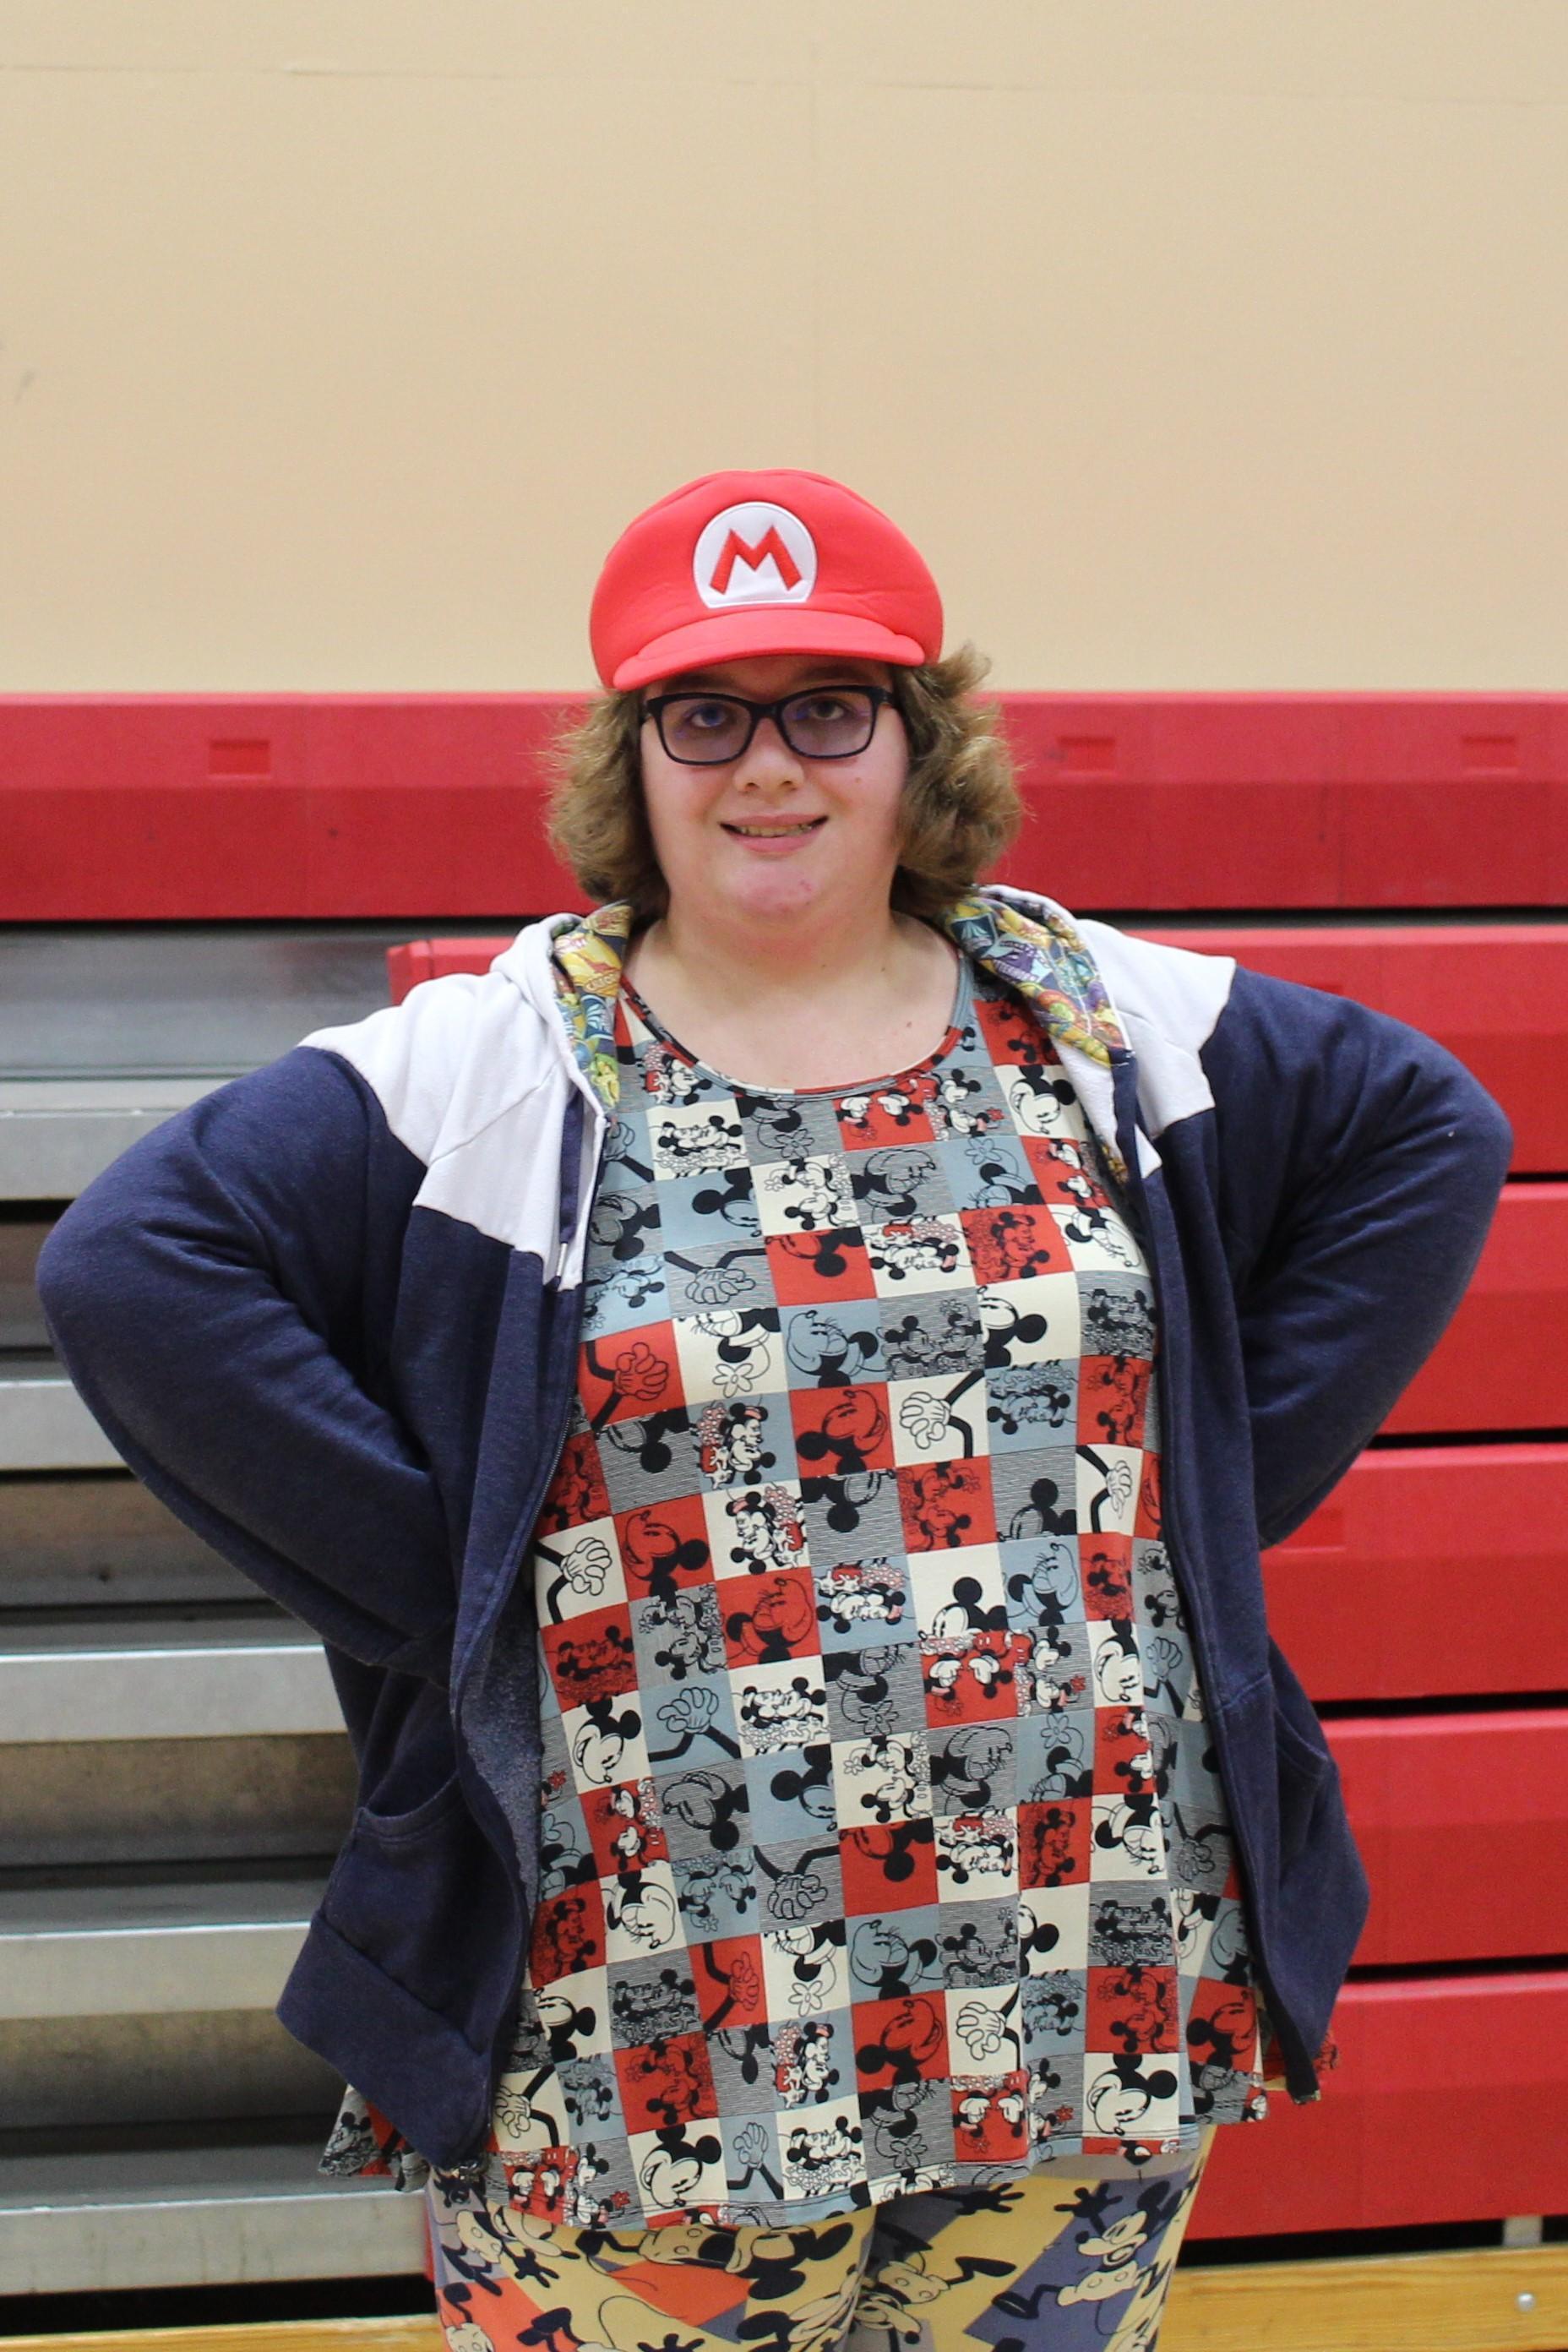 Paige Coelho as Mario